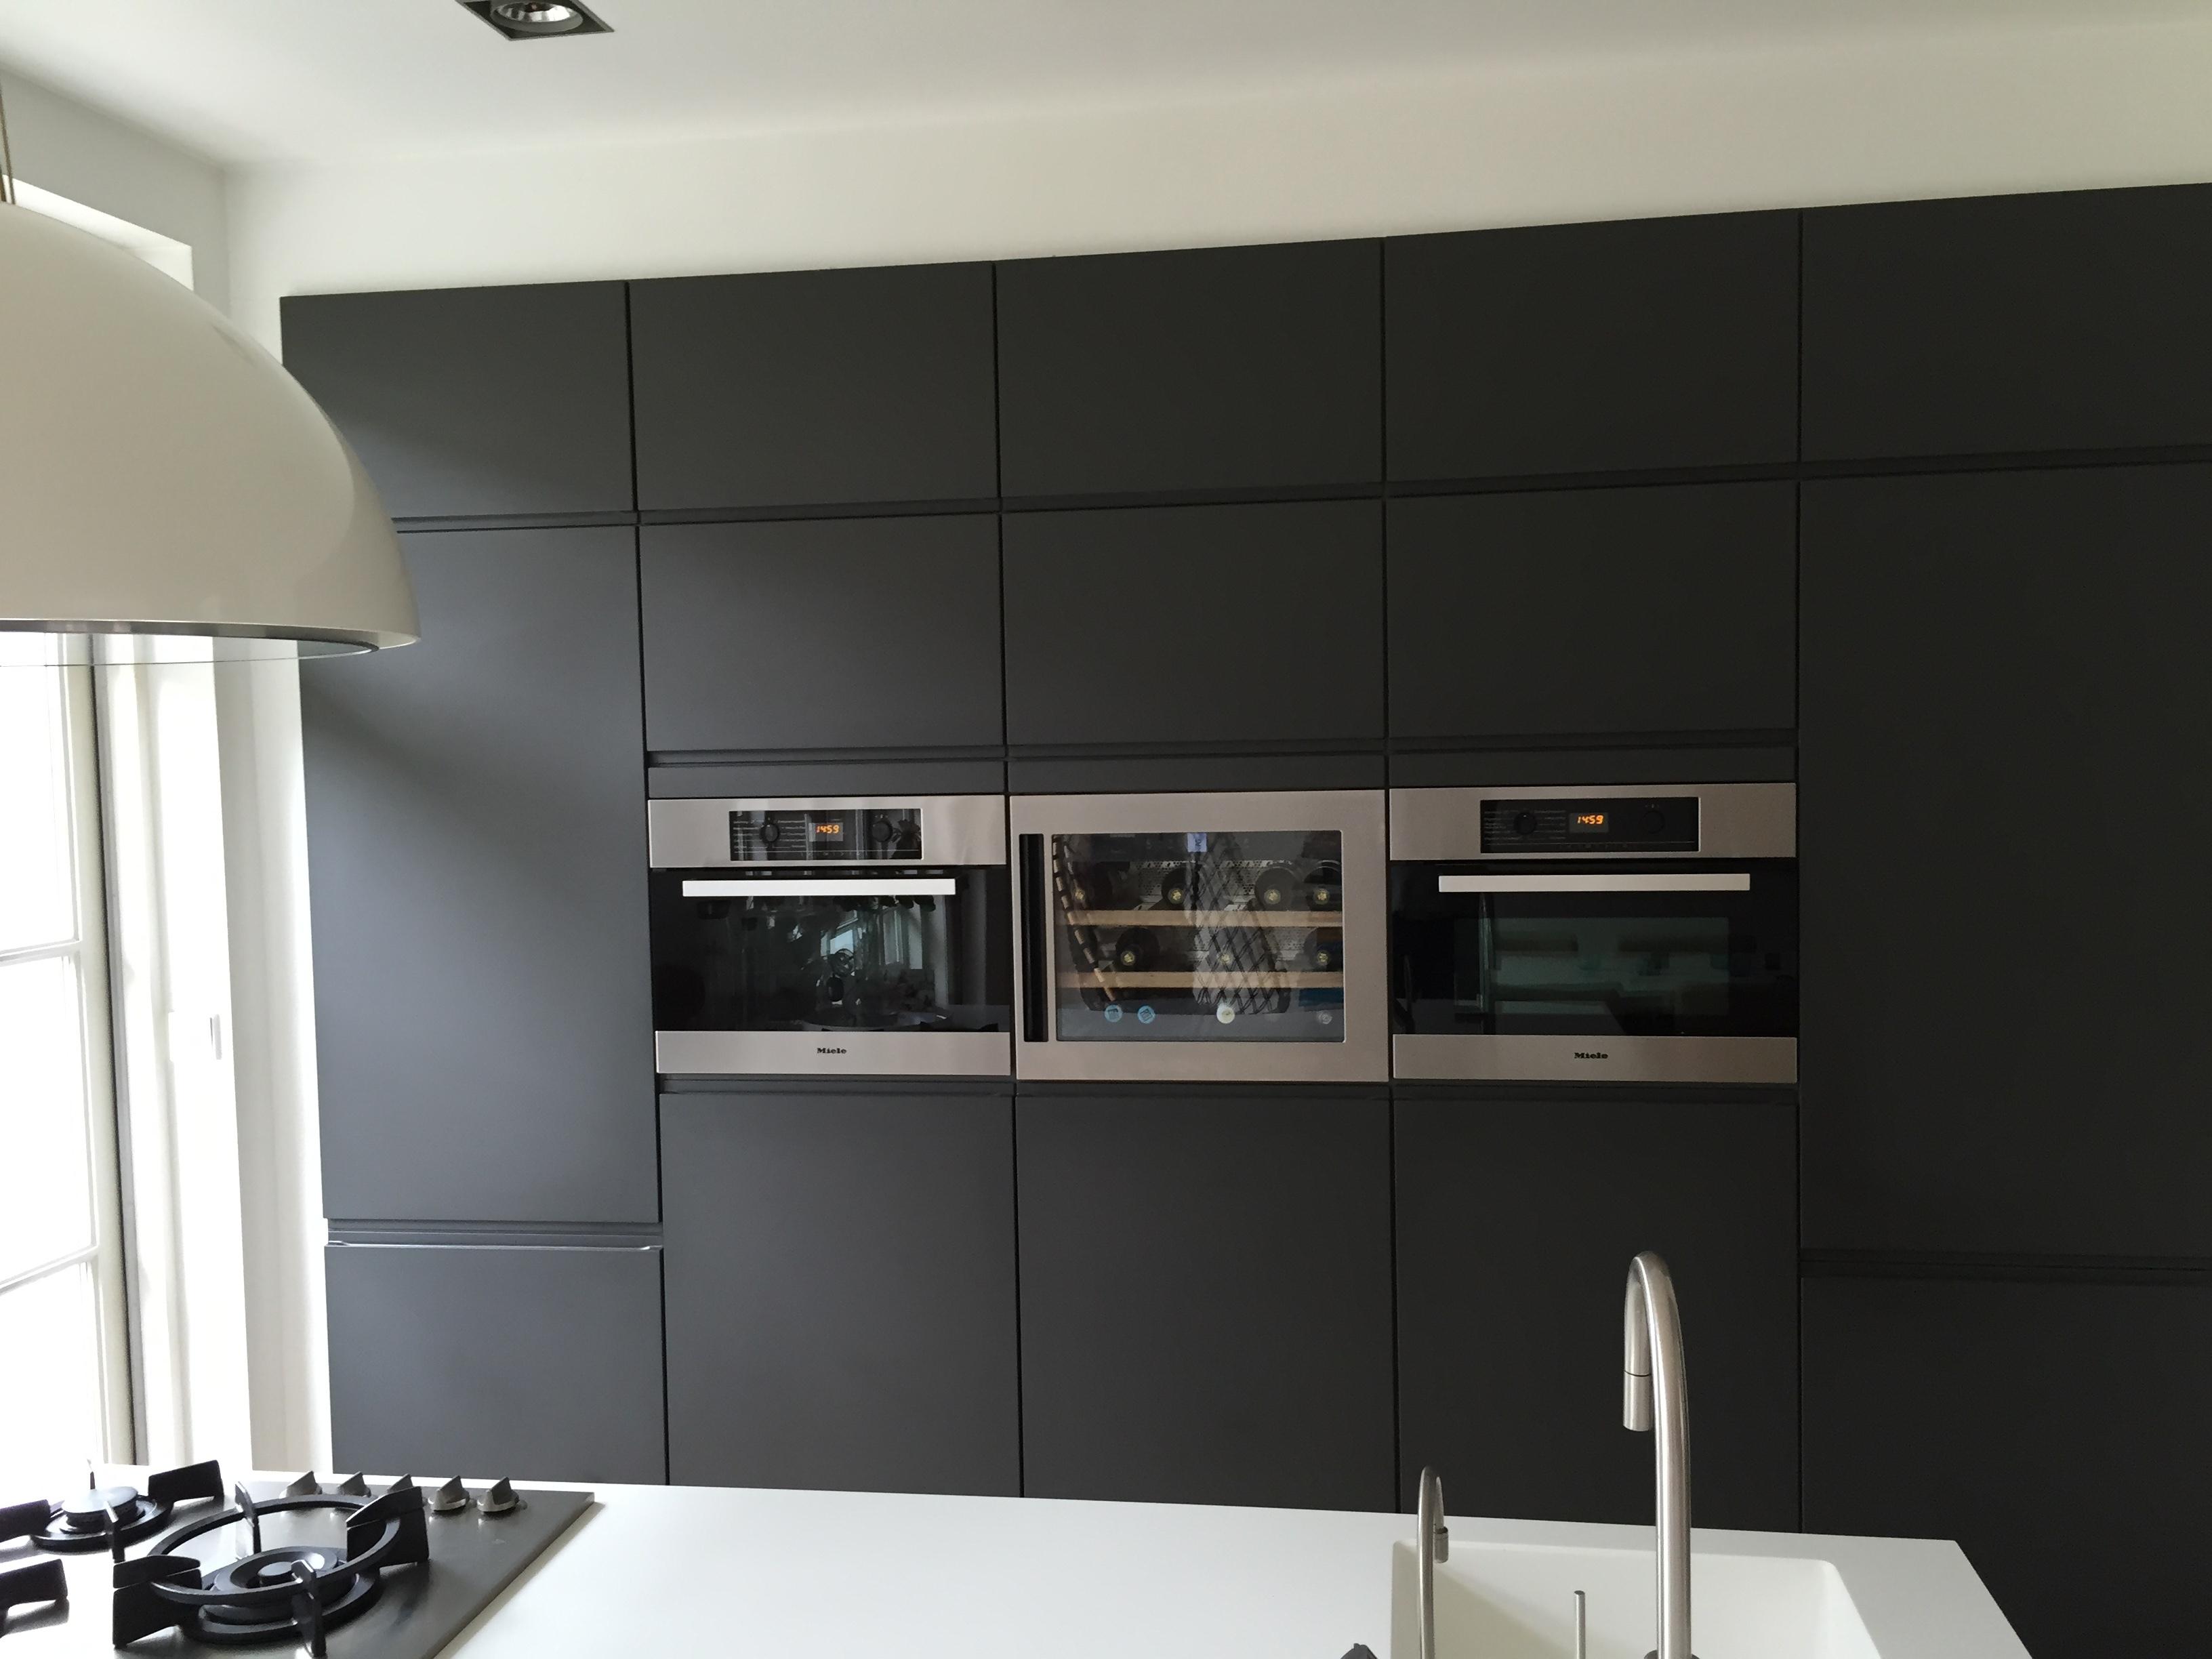 Wijnkast inbouw keuken keukenblad betonlook google zoeken keuken